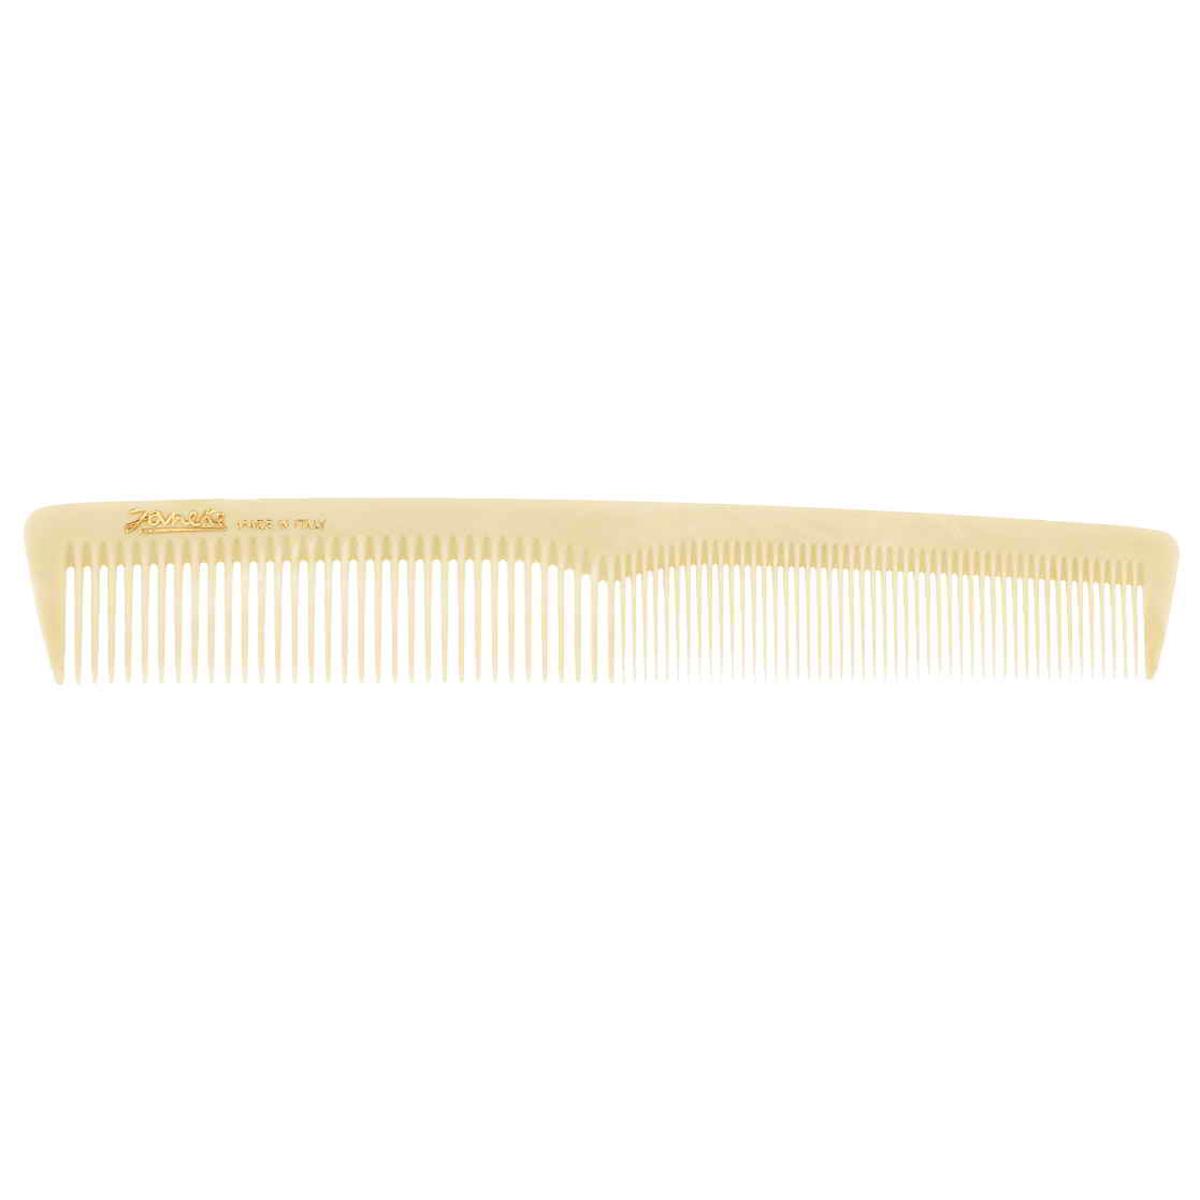 Janeke Расческа для волос. 74804577807Марка Janeke – мировой лидер по производству расчесок, щеток, маникюрных принадлежностей, зеркал и косметичек. Марка Janeke, основанная в 1830 году, вот уже почти 180 лет поддерживает непревзойденное качество своей продукции, сочетая новейшие технологии с традициями ста- рых миланских мастеров. Все изделия на 80% производятся вручную, а инновационные технологии и современные материалы делают продукцию марки поистине уникальной. Стильный и эргономичный дизайн, яркие цветовые решения – все это приносит истин- ное удовольствие от использования аксессуаров Janeke. Пластиковая линия из высококачественного сырья, большое разнообразие моделей и цветов, кончик расчески специально закруглен, чтобы предотвратить разрыв волоса